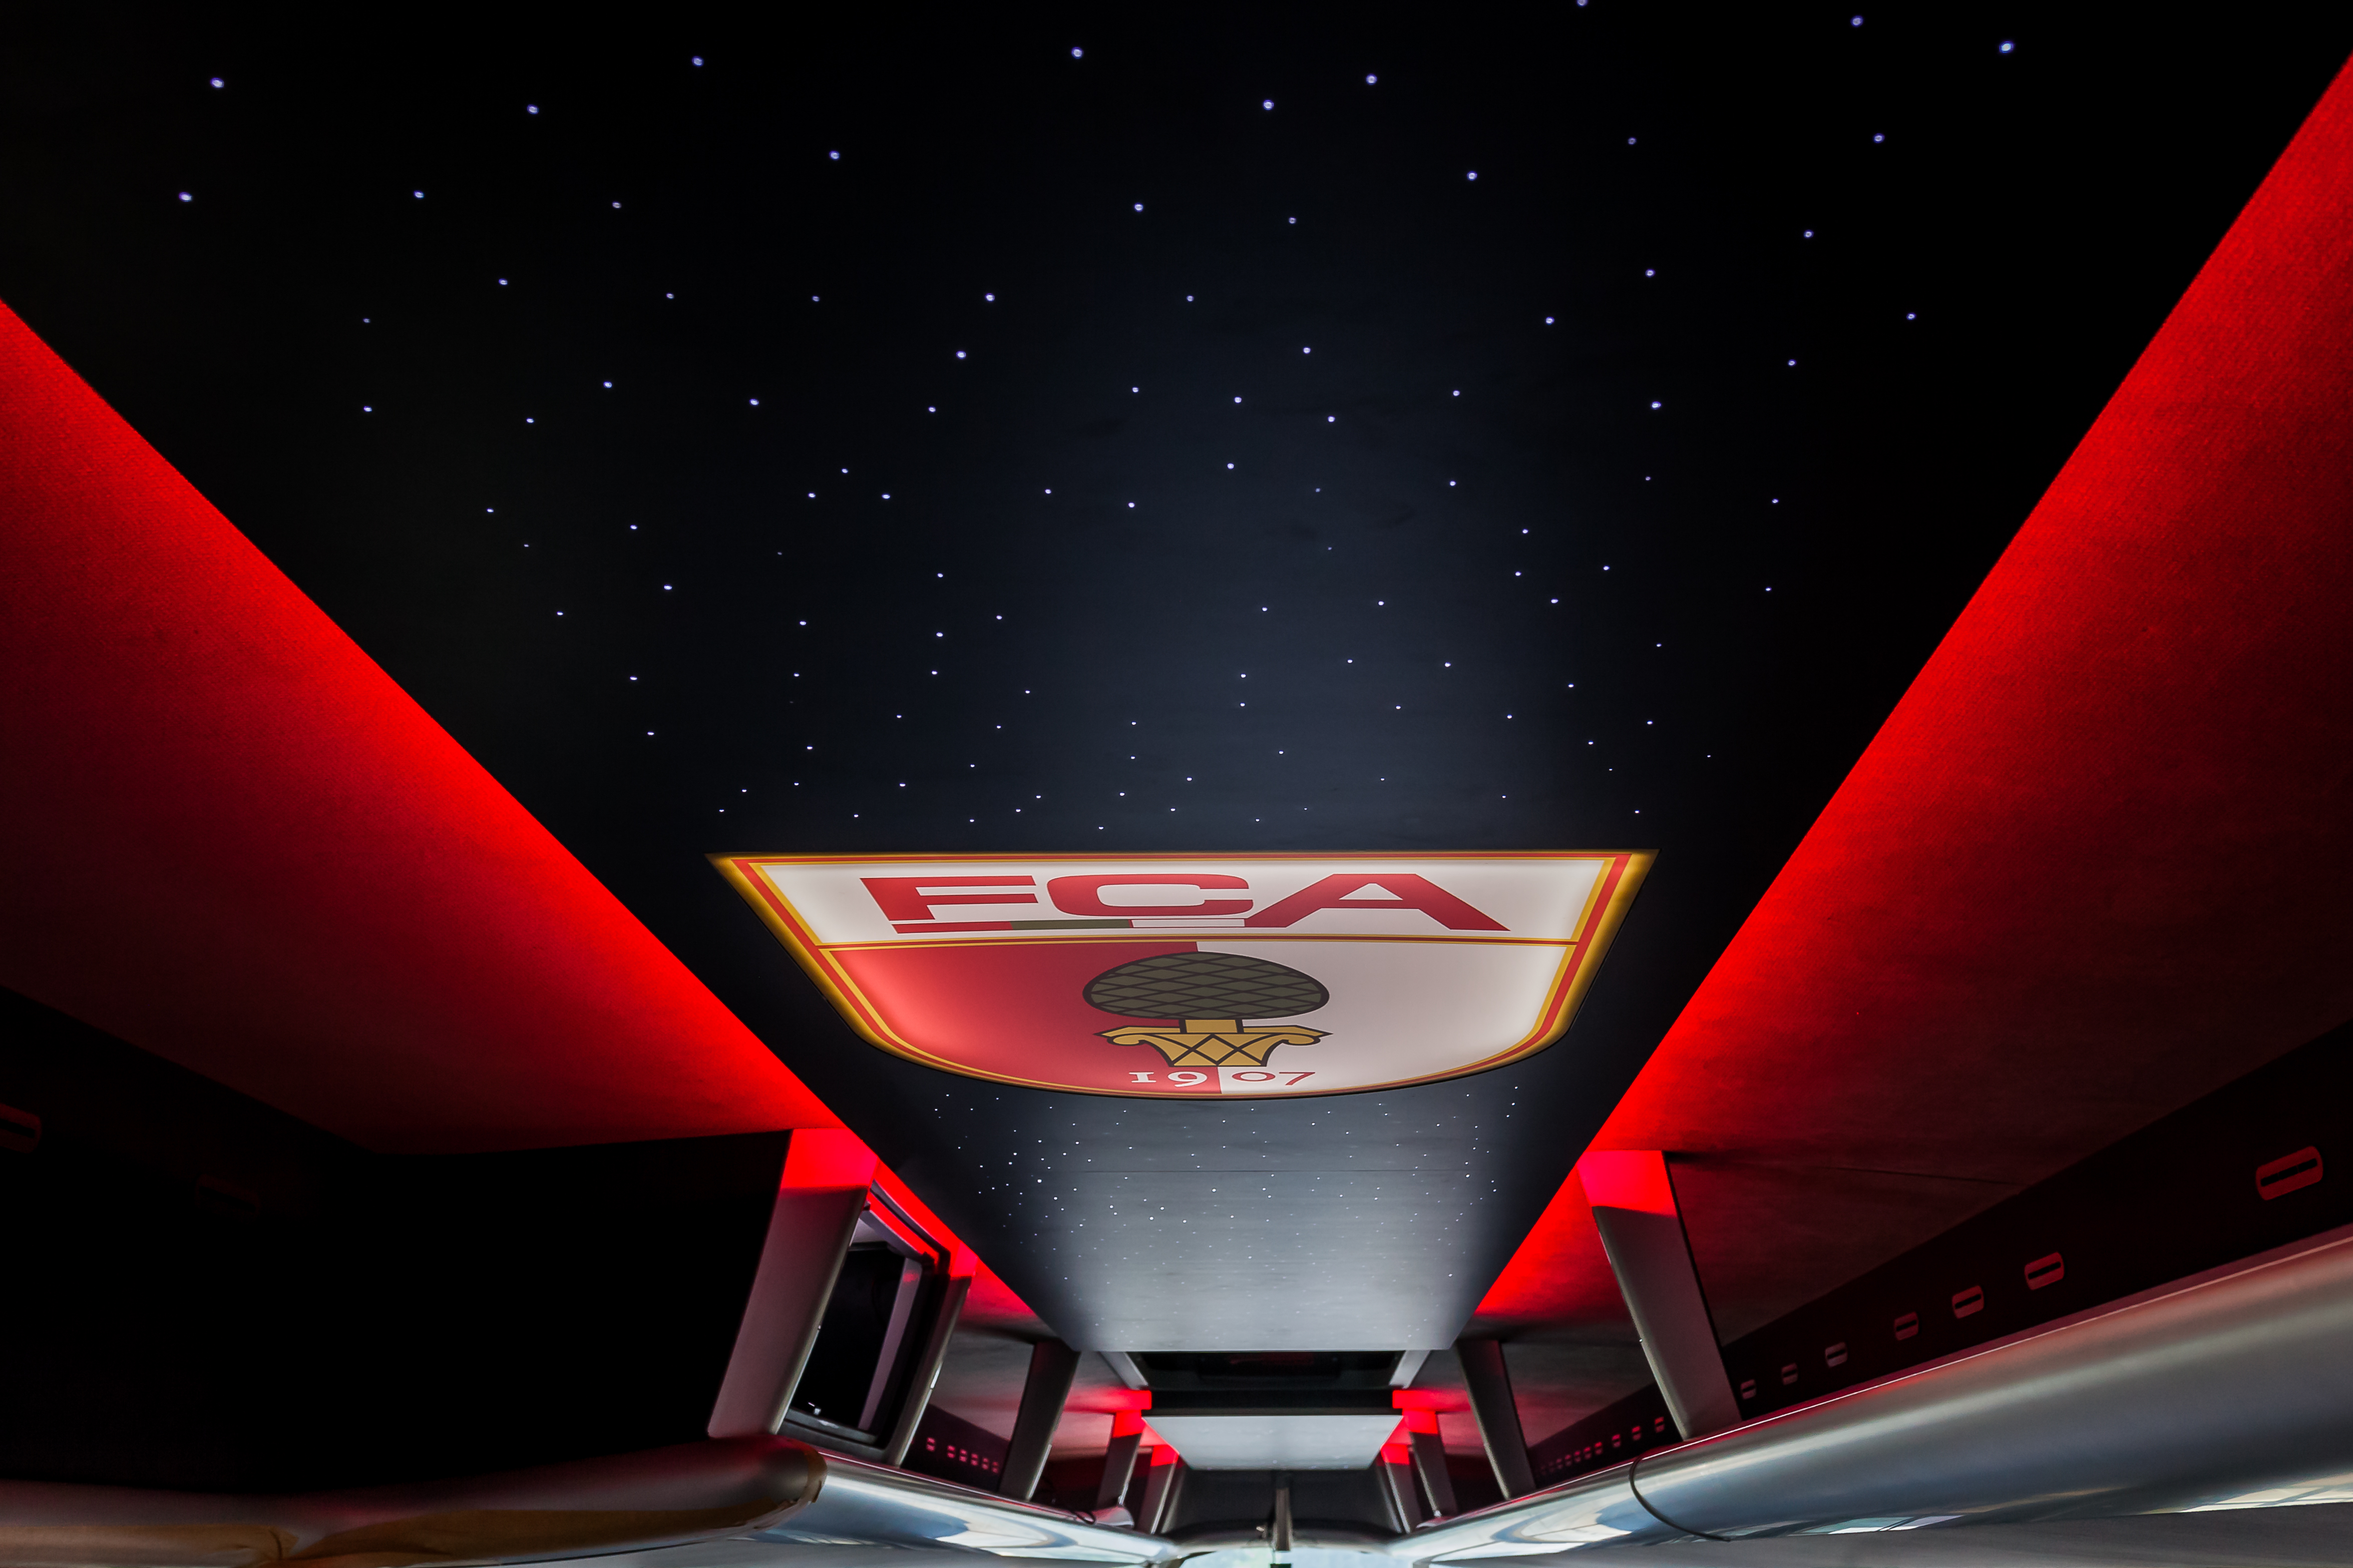 MAN wird offizieller Partner beim Europa League-Debütanten FC Augsburg